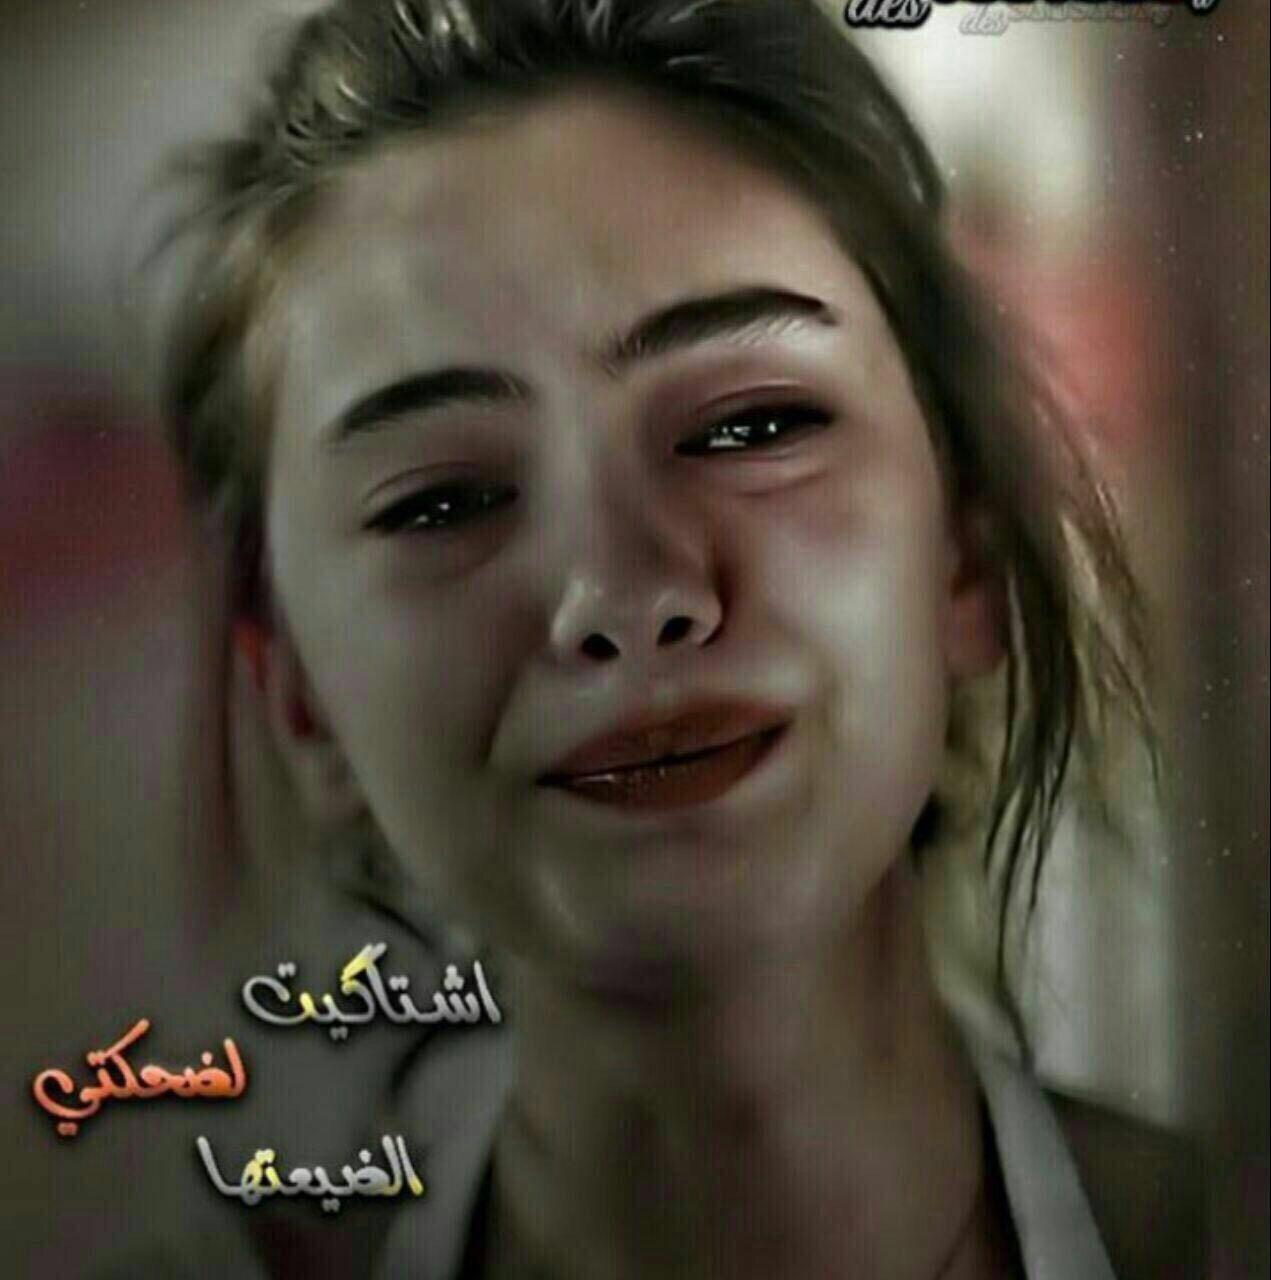 صورة اجمل صور بنات حزينه , بنت بدمعه حزينه